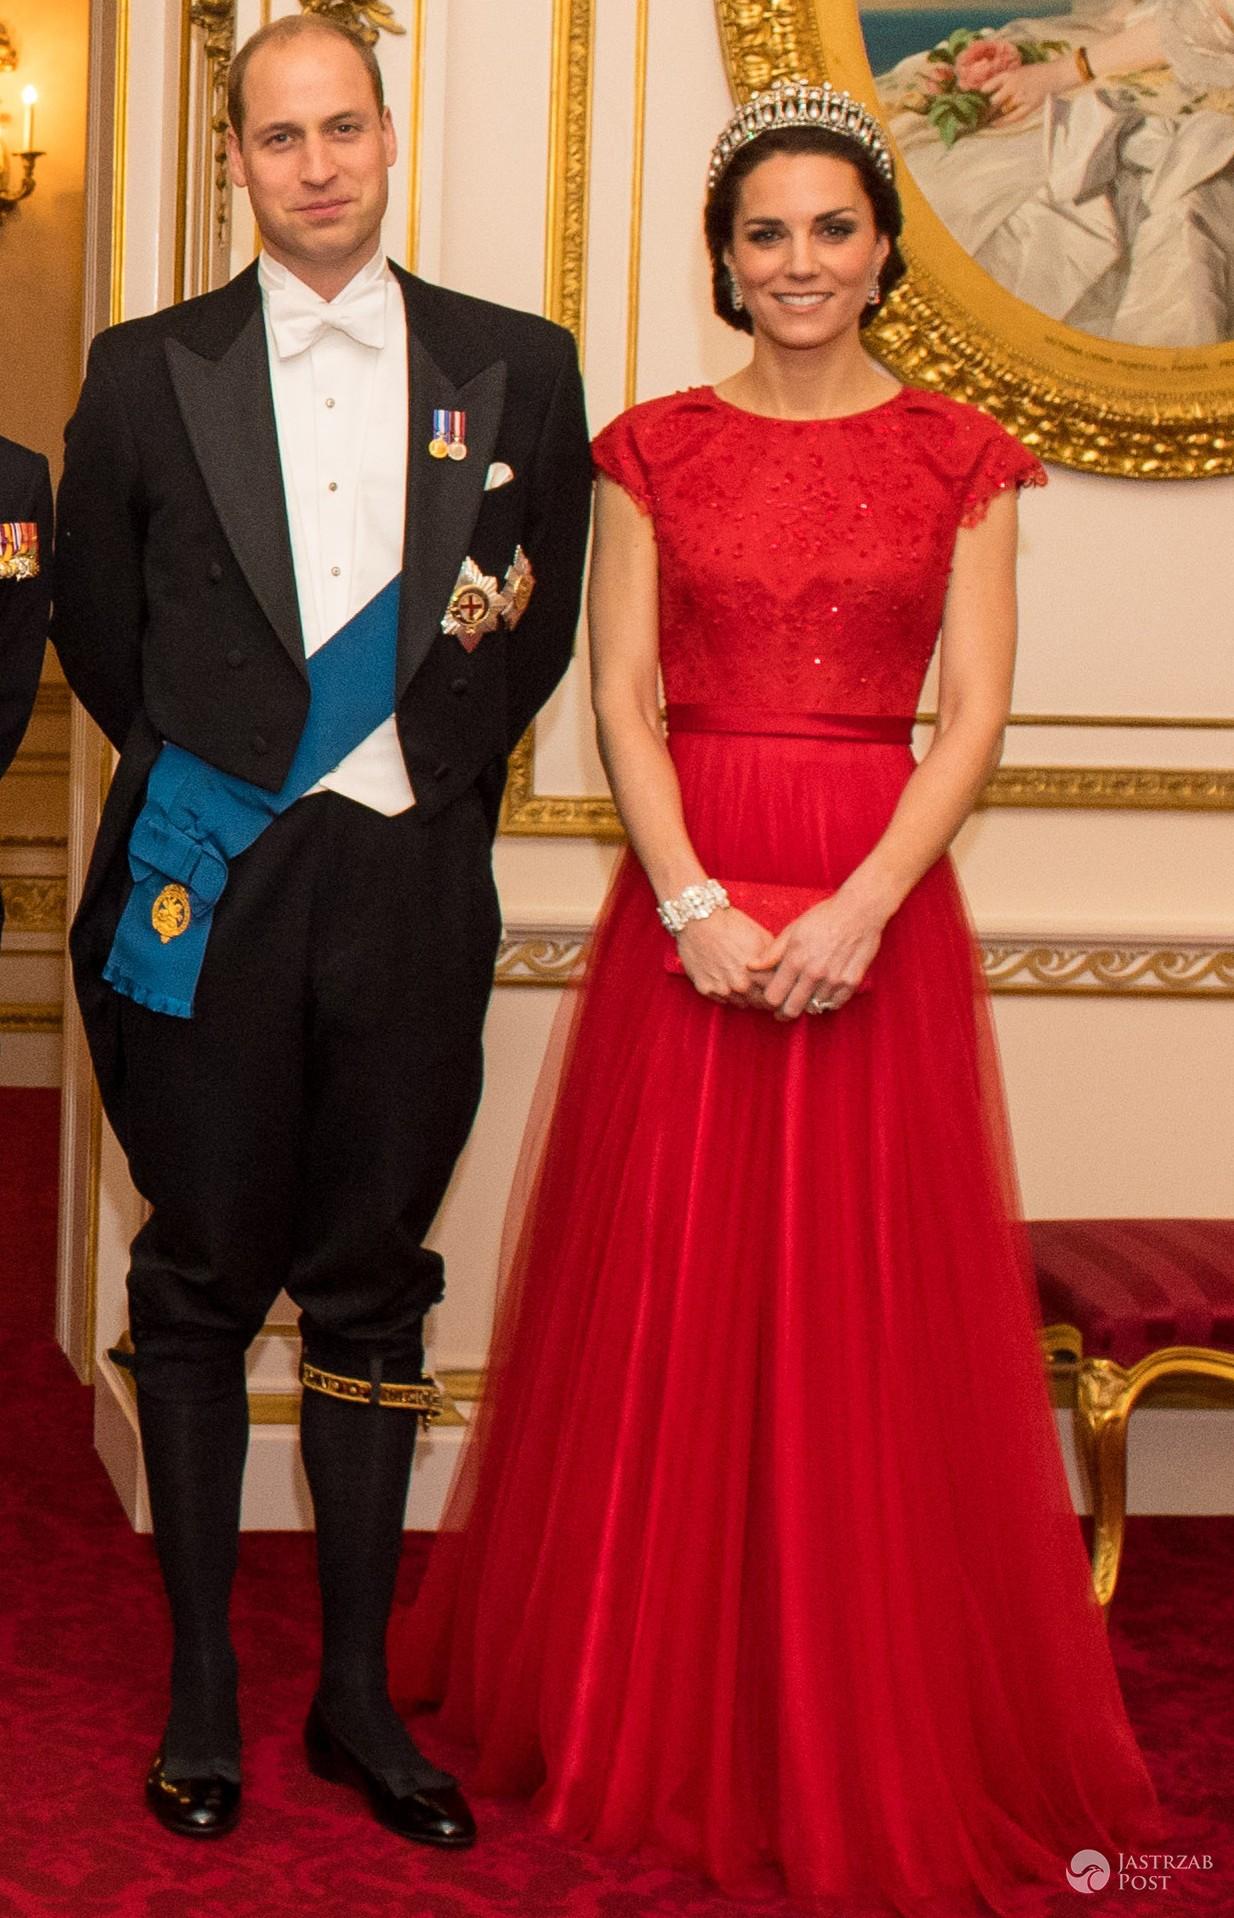 Księżna Kate i Książę William w Polsce - kiedy, data, plan wizyty